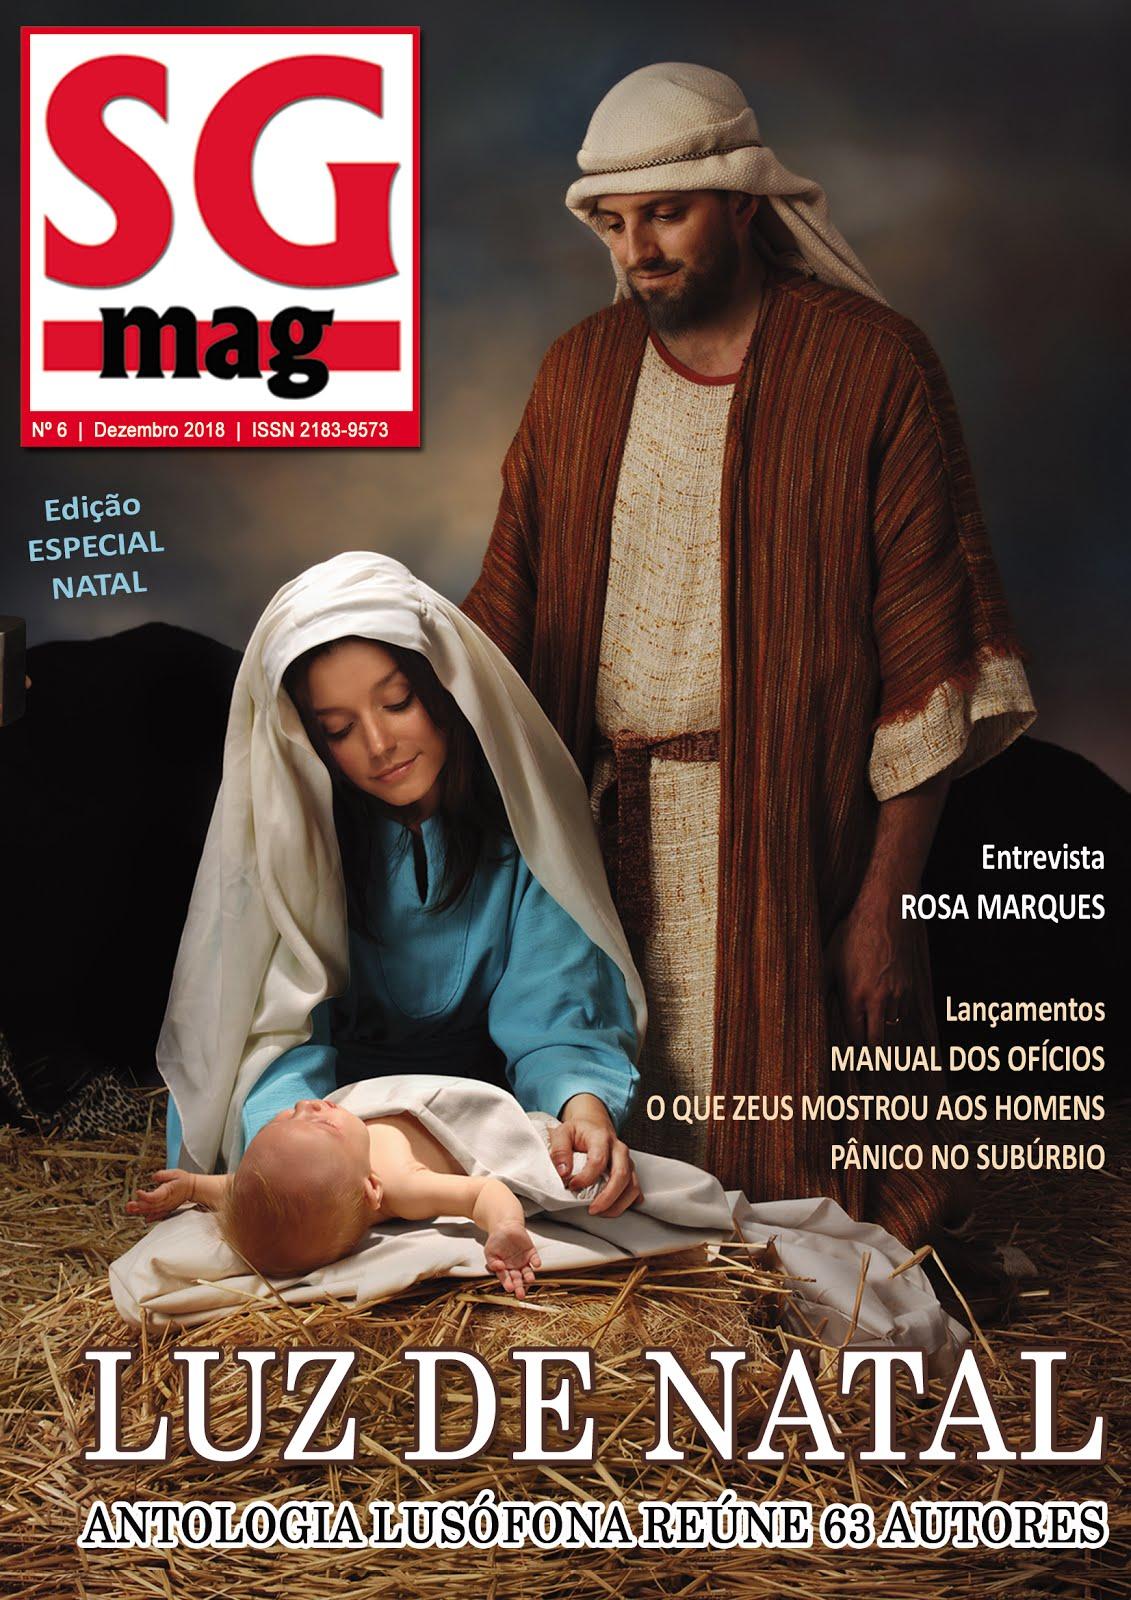 Dirigi e Editei o sexto número da revista SG MAG, com 304 páginas